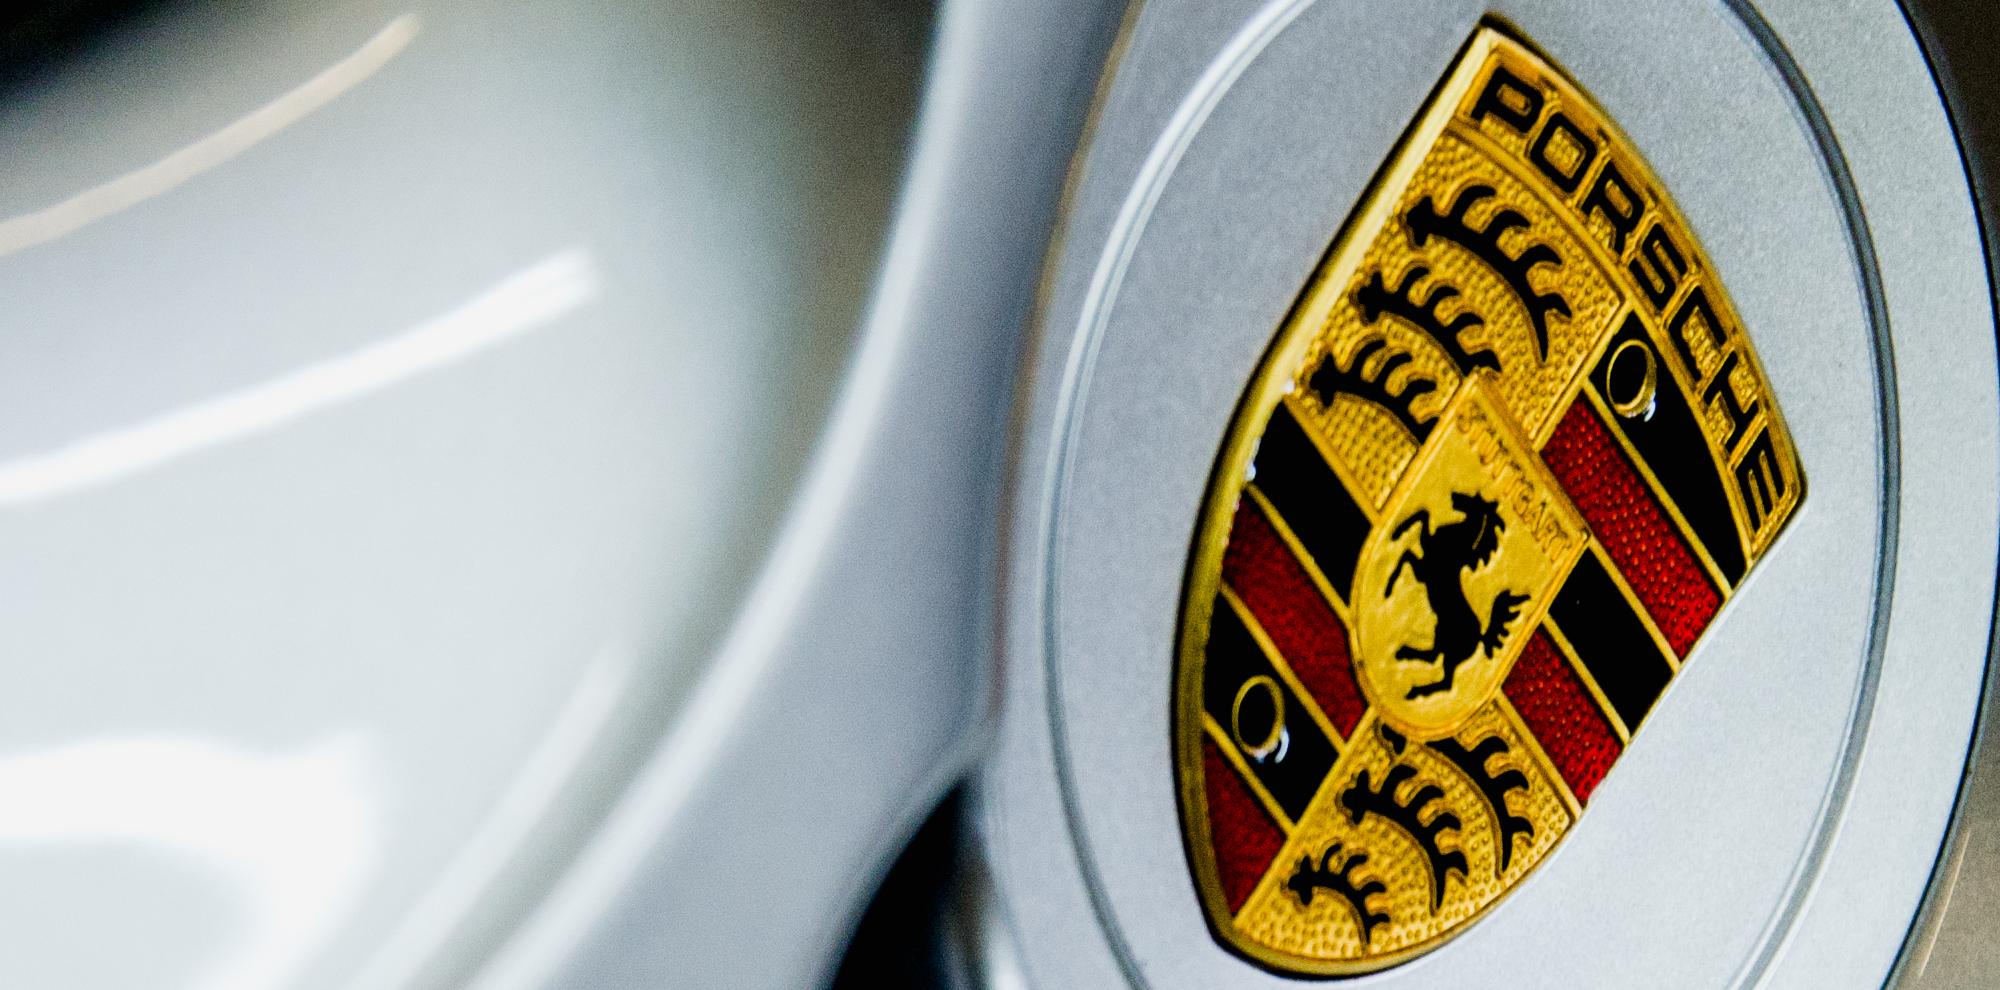 Porsche 911 Carrera Keramik Lackversiegelung Und Innenpflege